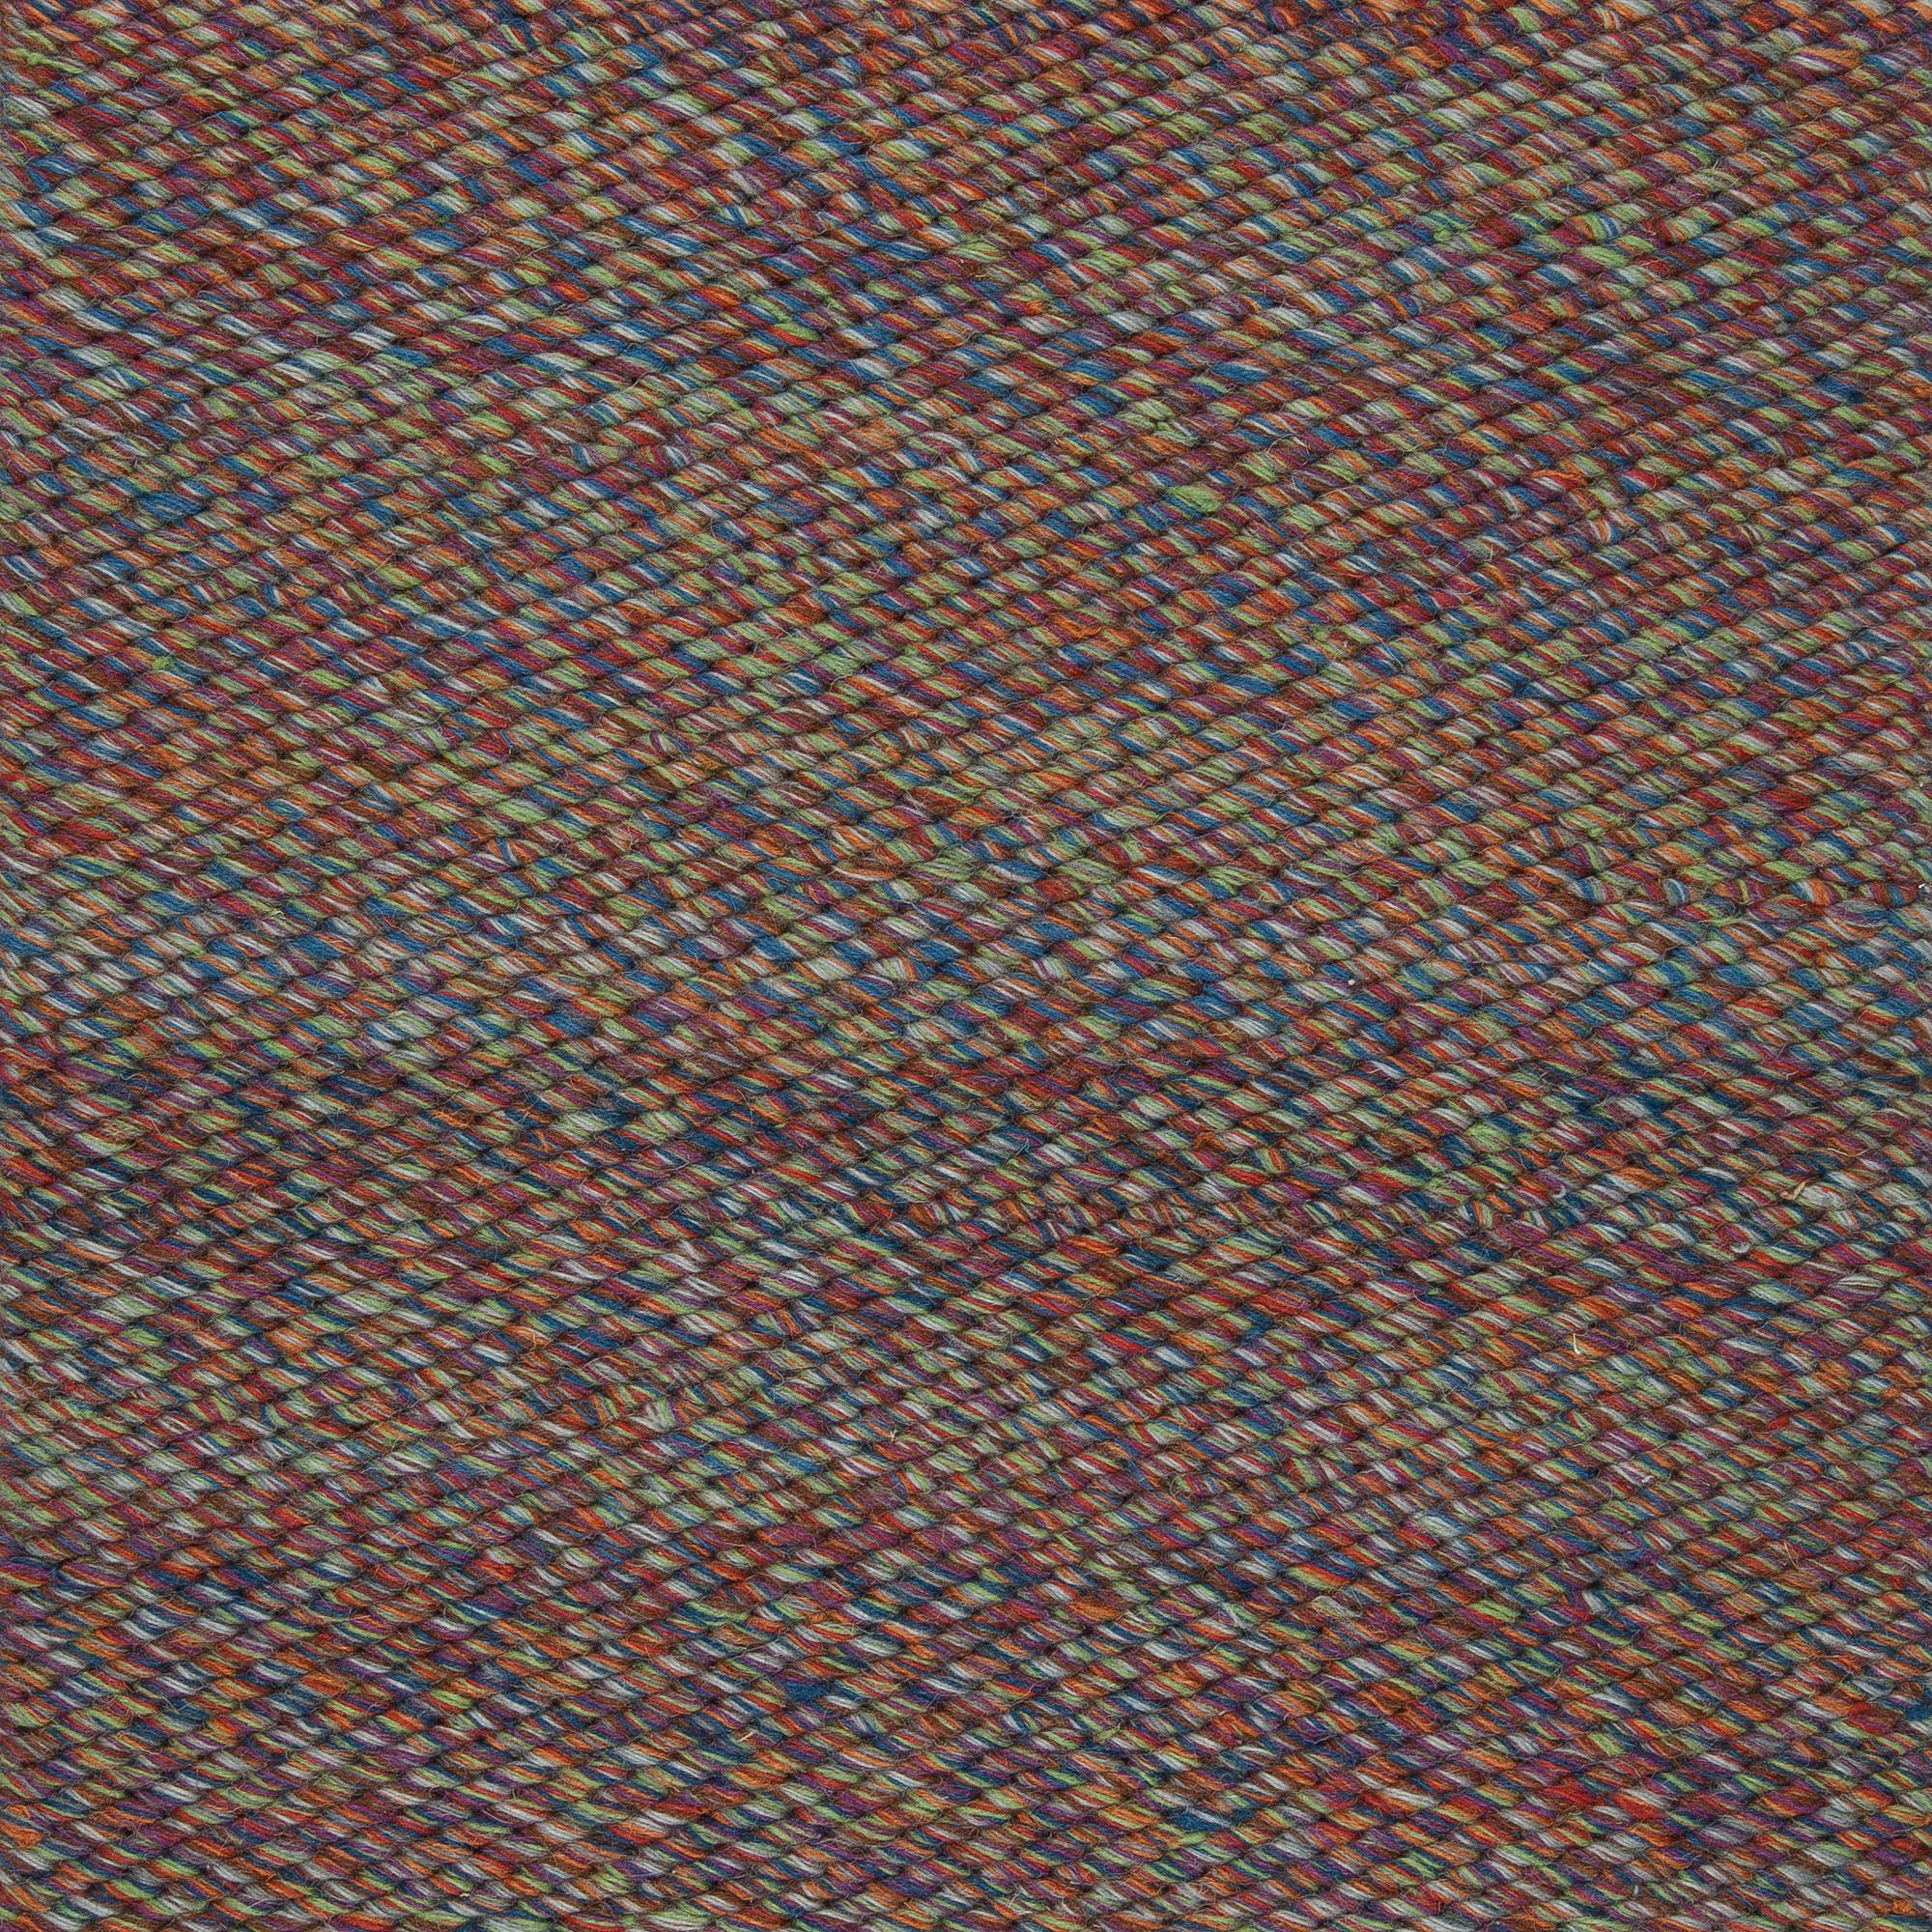 Tweed S11446 S11446